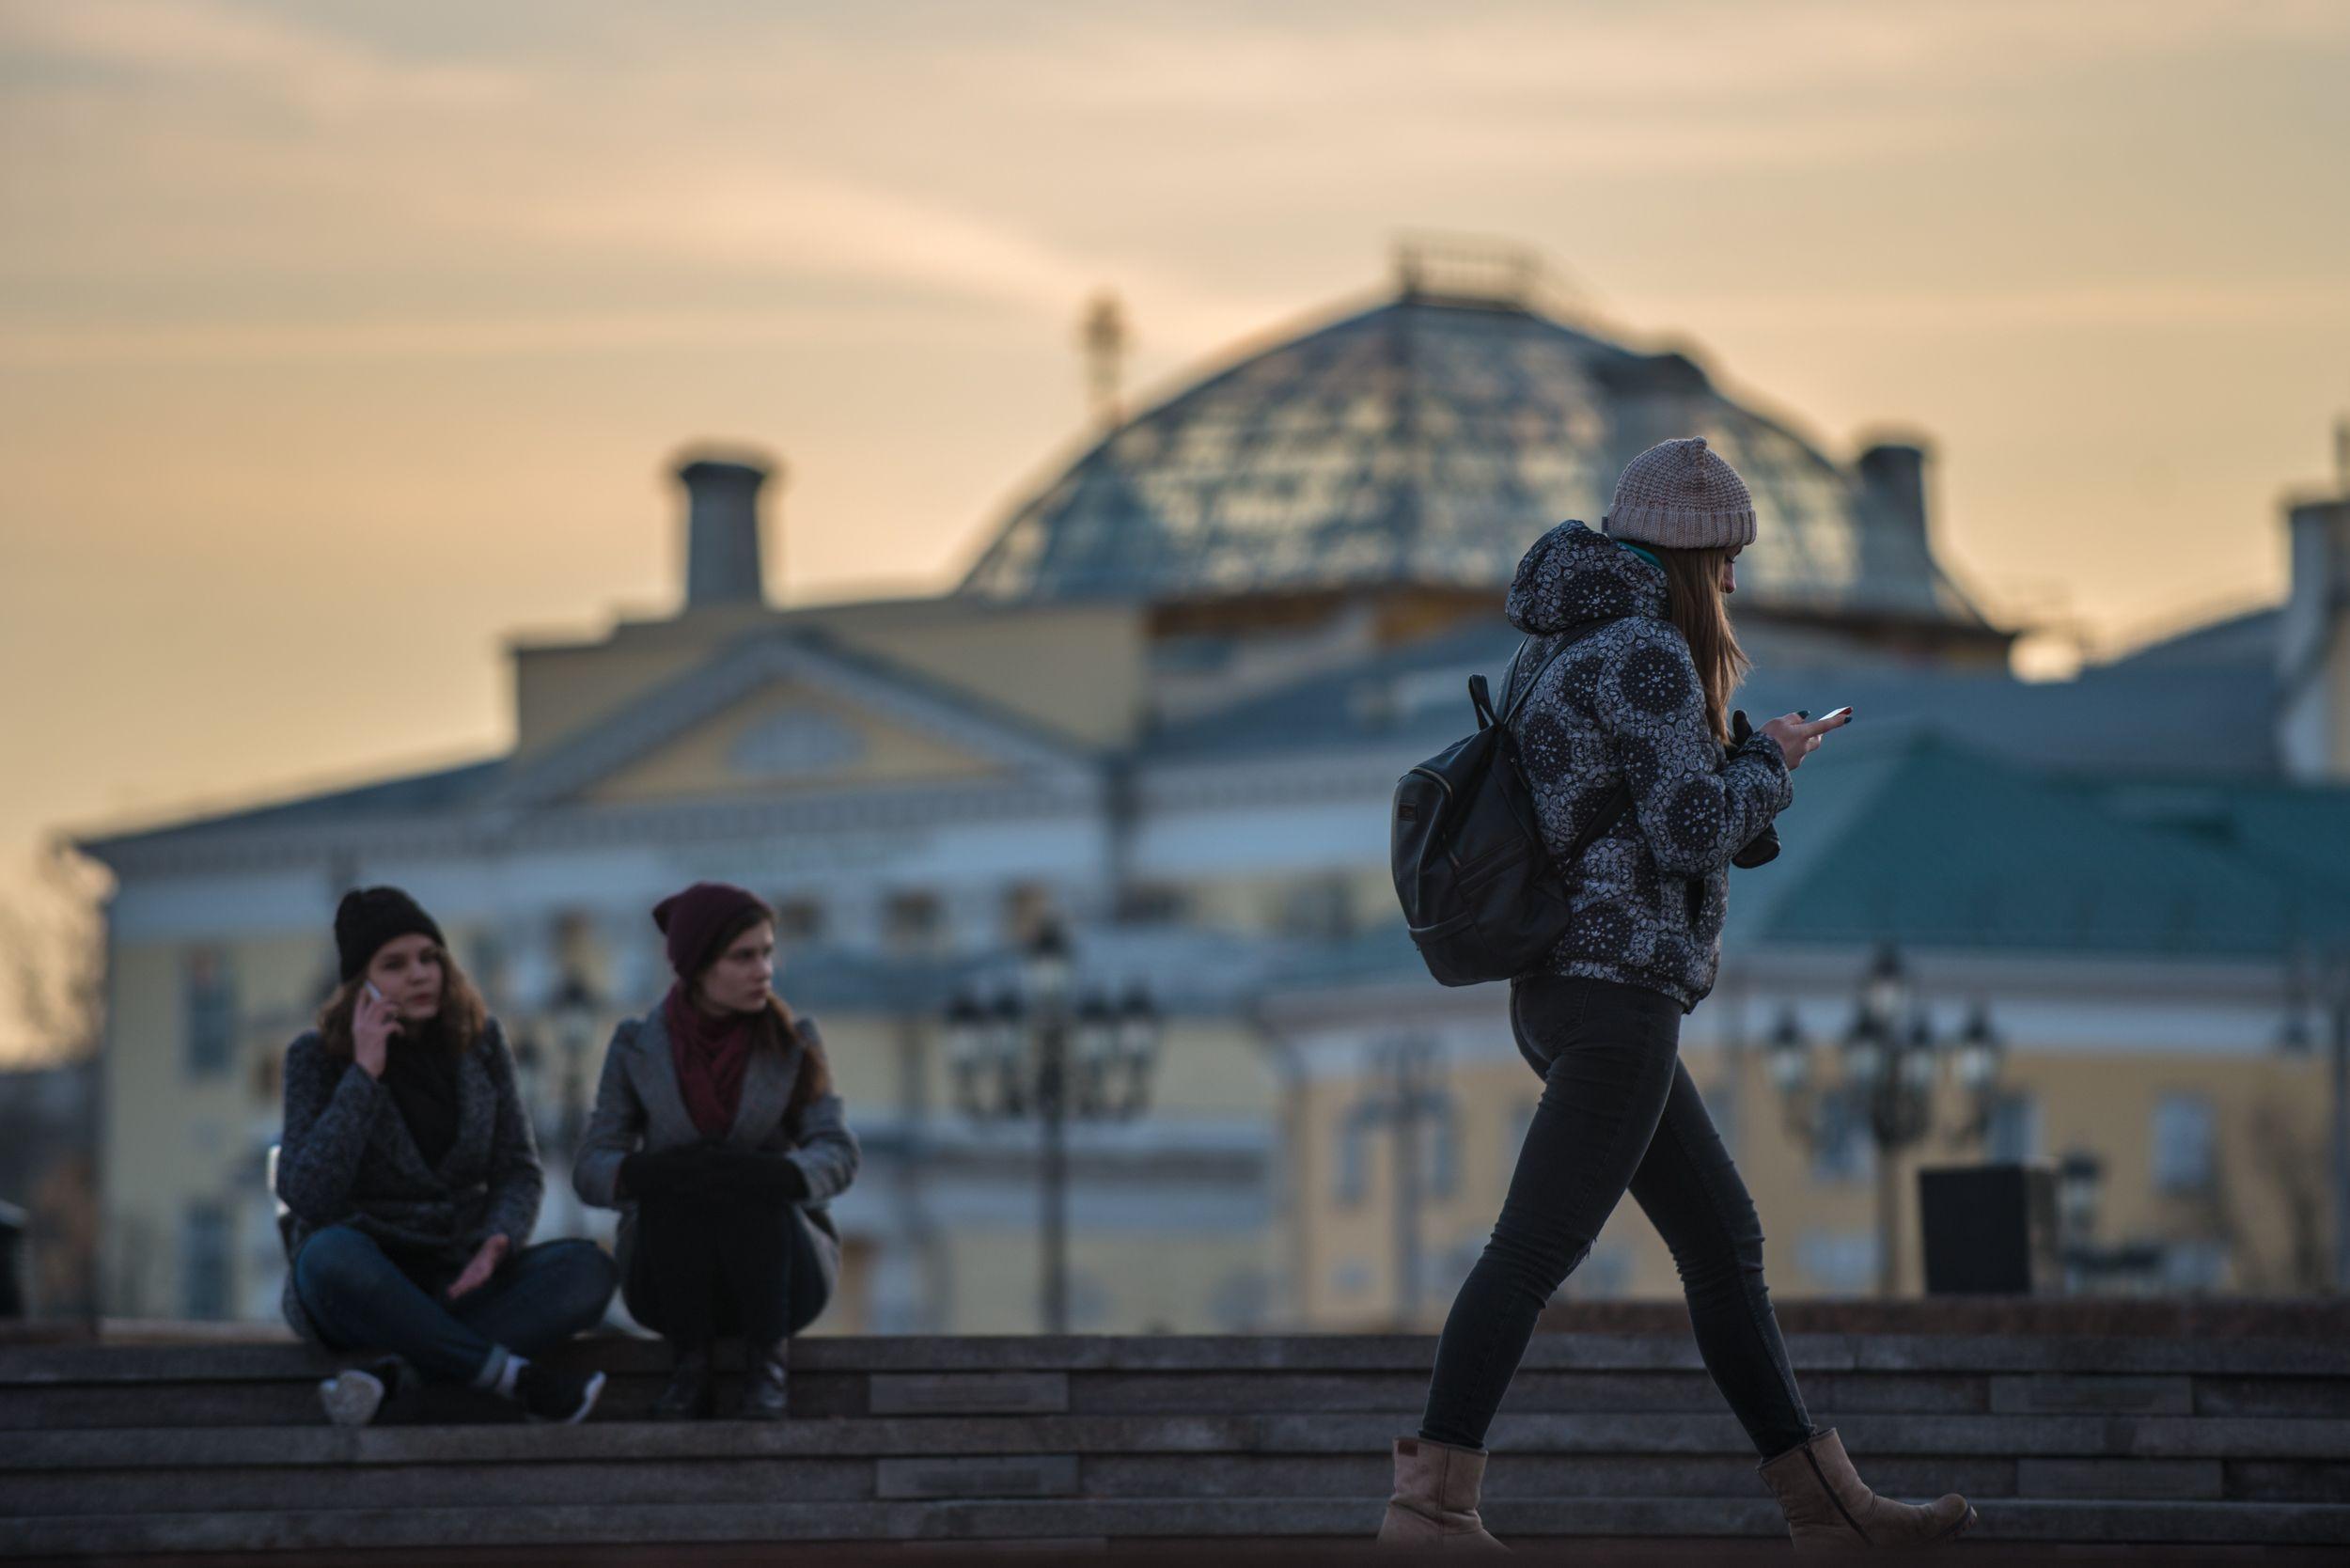 Москвичам пообещали легкий мороз в четверг